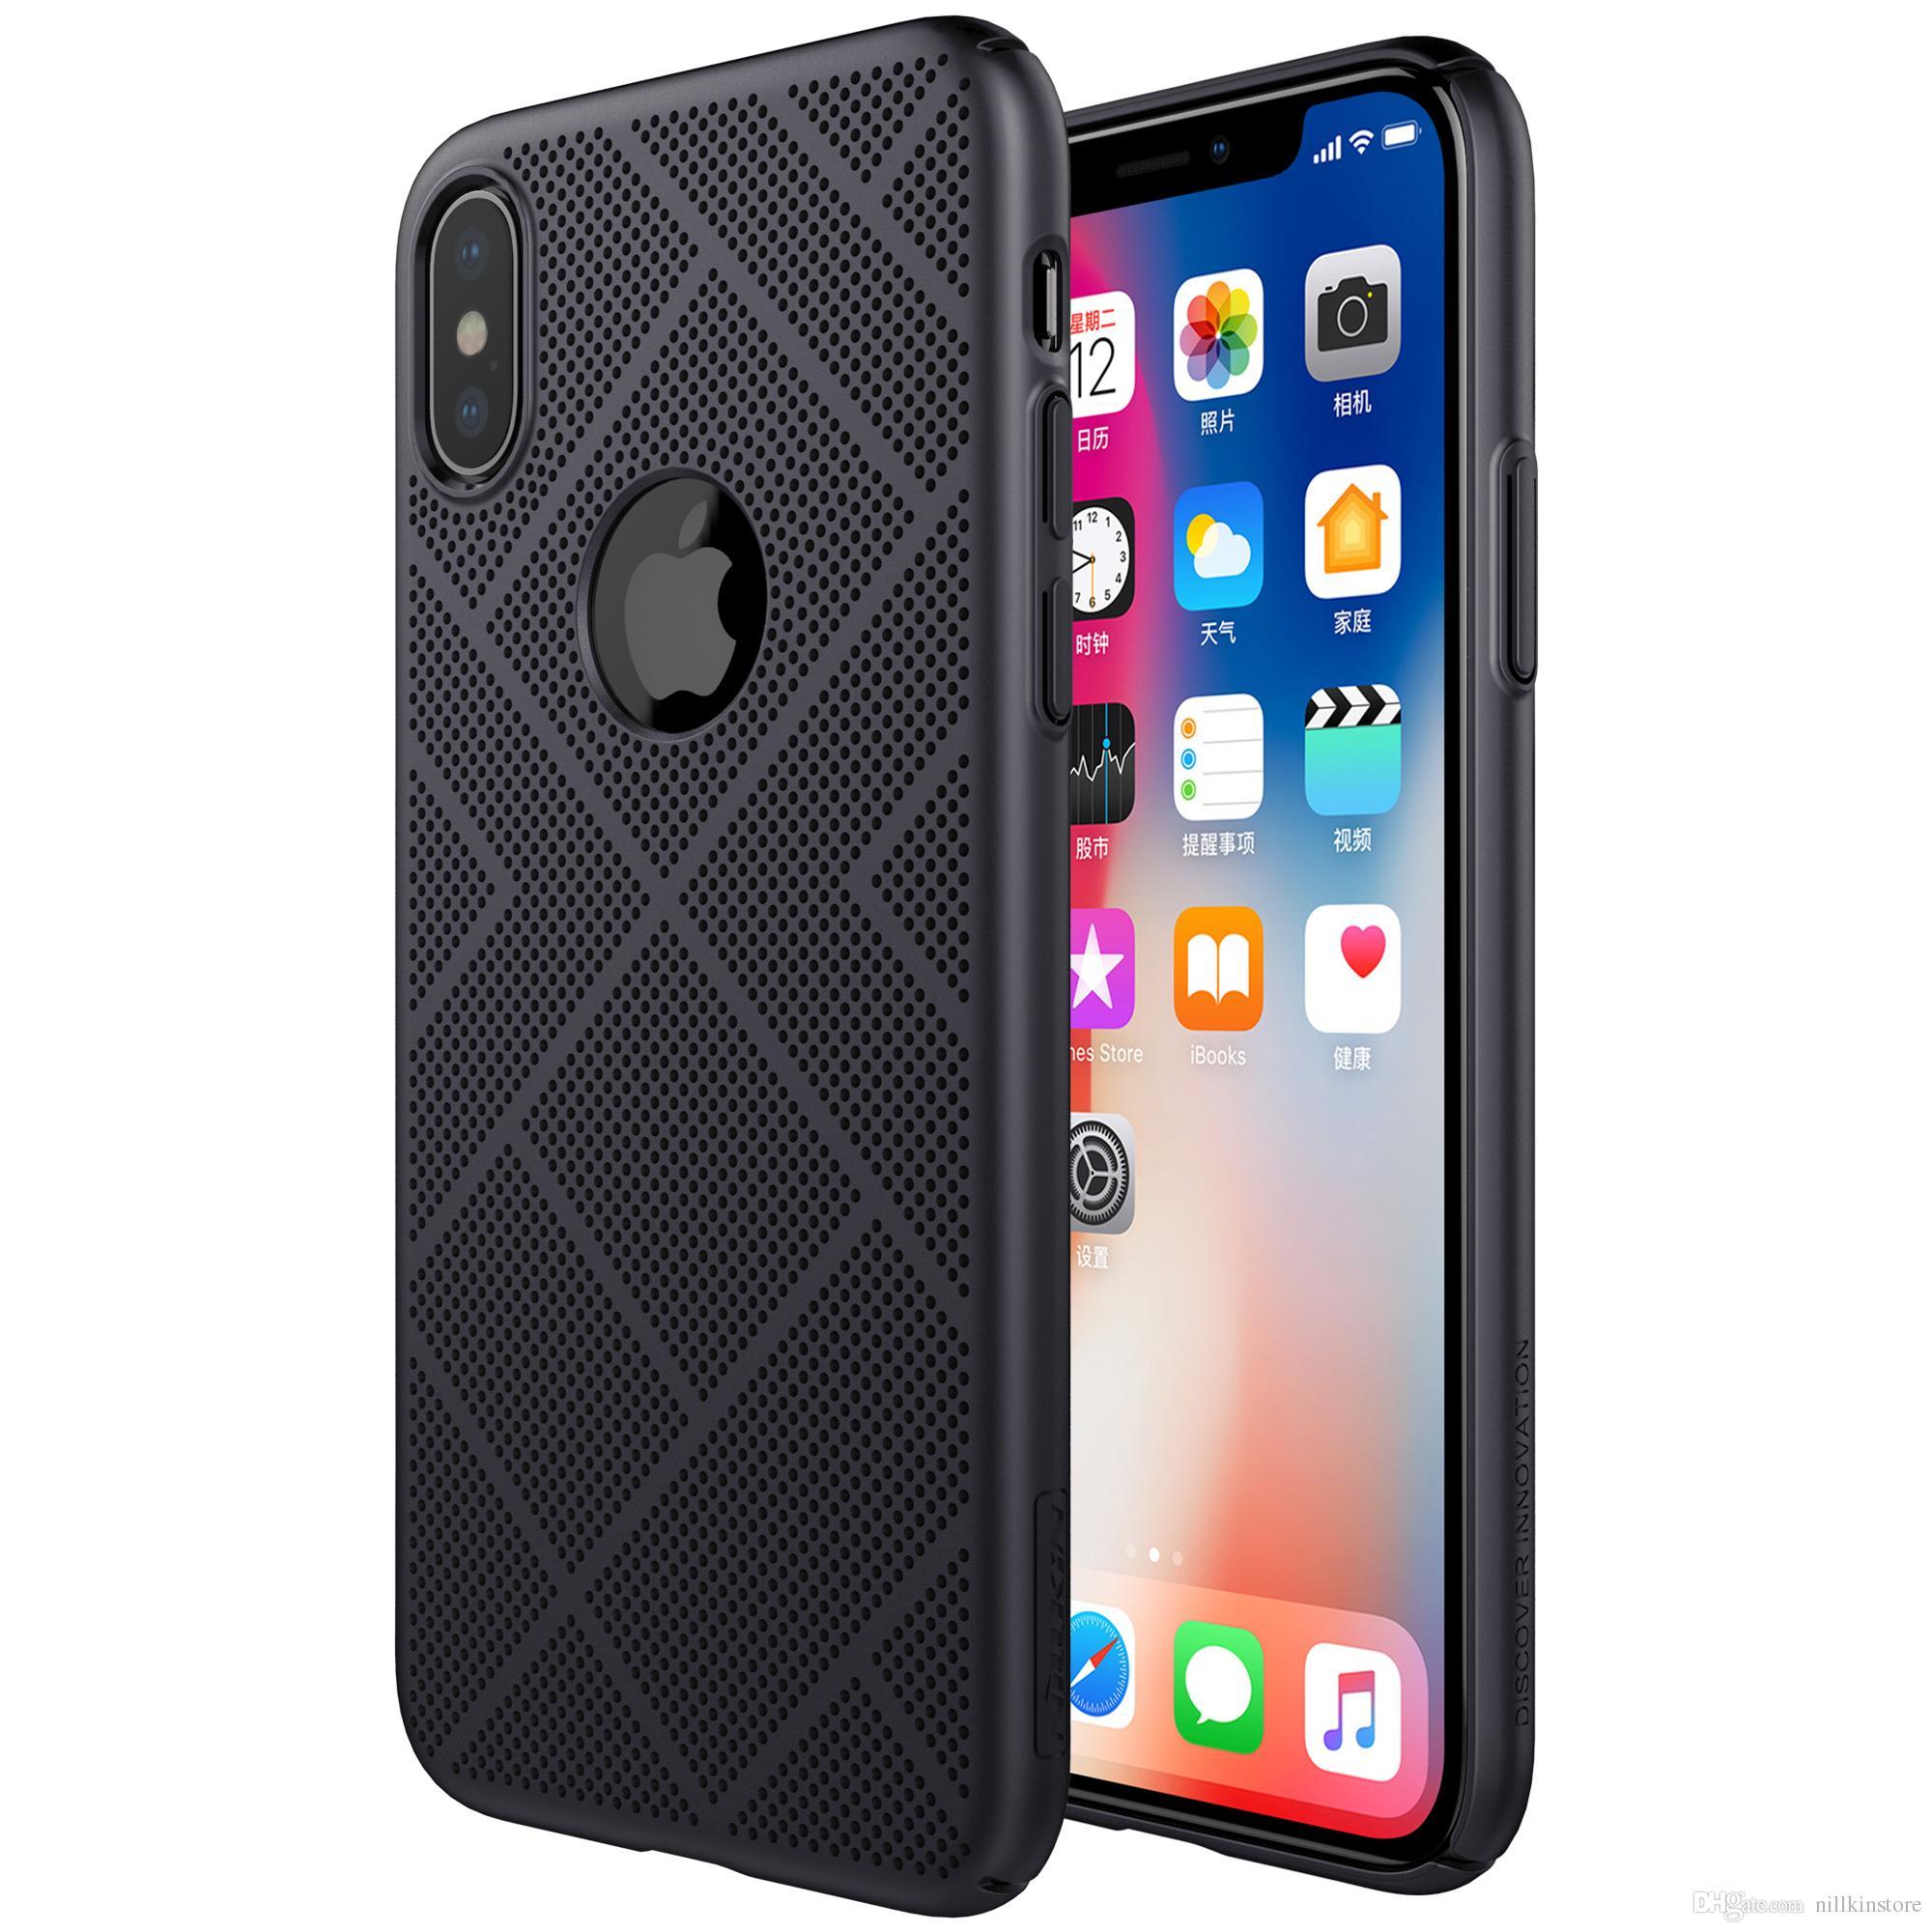 5d4a4c6e6f5 Personaliza Tu Carcasa Estuche Nillkin Air Breathable Series Para Apple IPhone  X Frosted Shield Estuche Mate Para Apple IPhone X Fundas De Movil ...